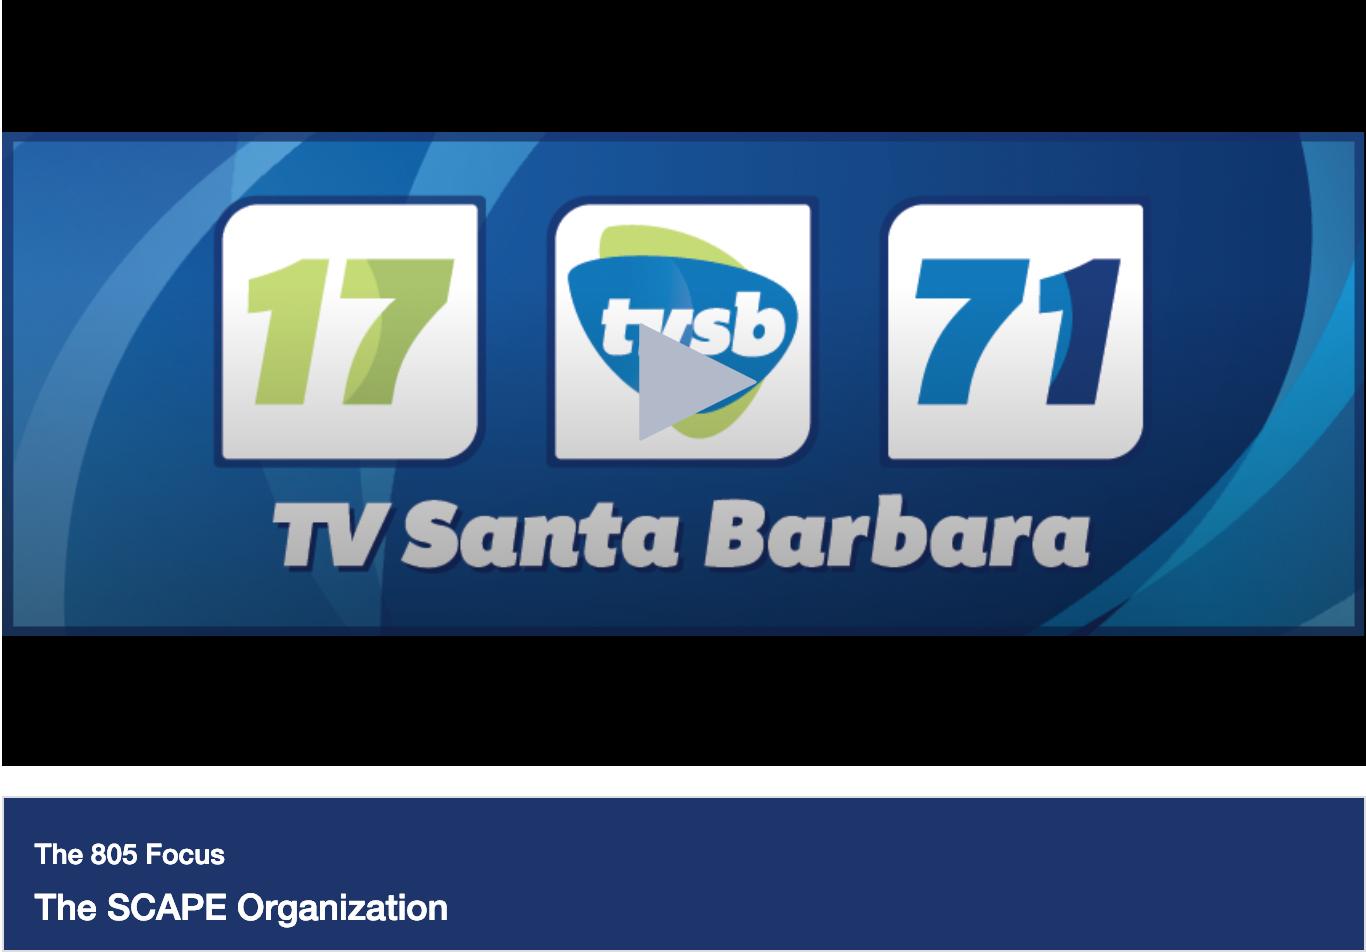 TVSB_screenshot_SCAPE_show_2019.png